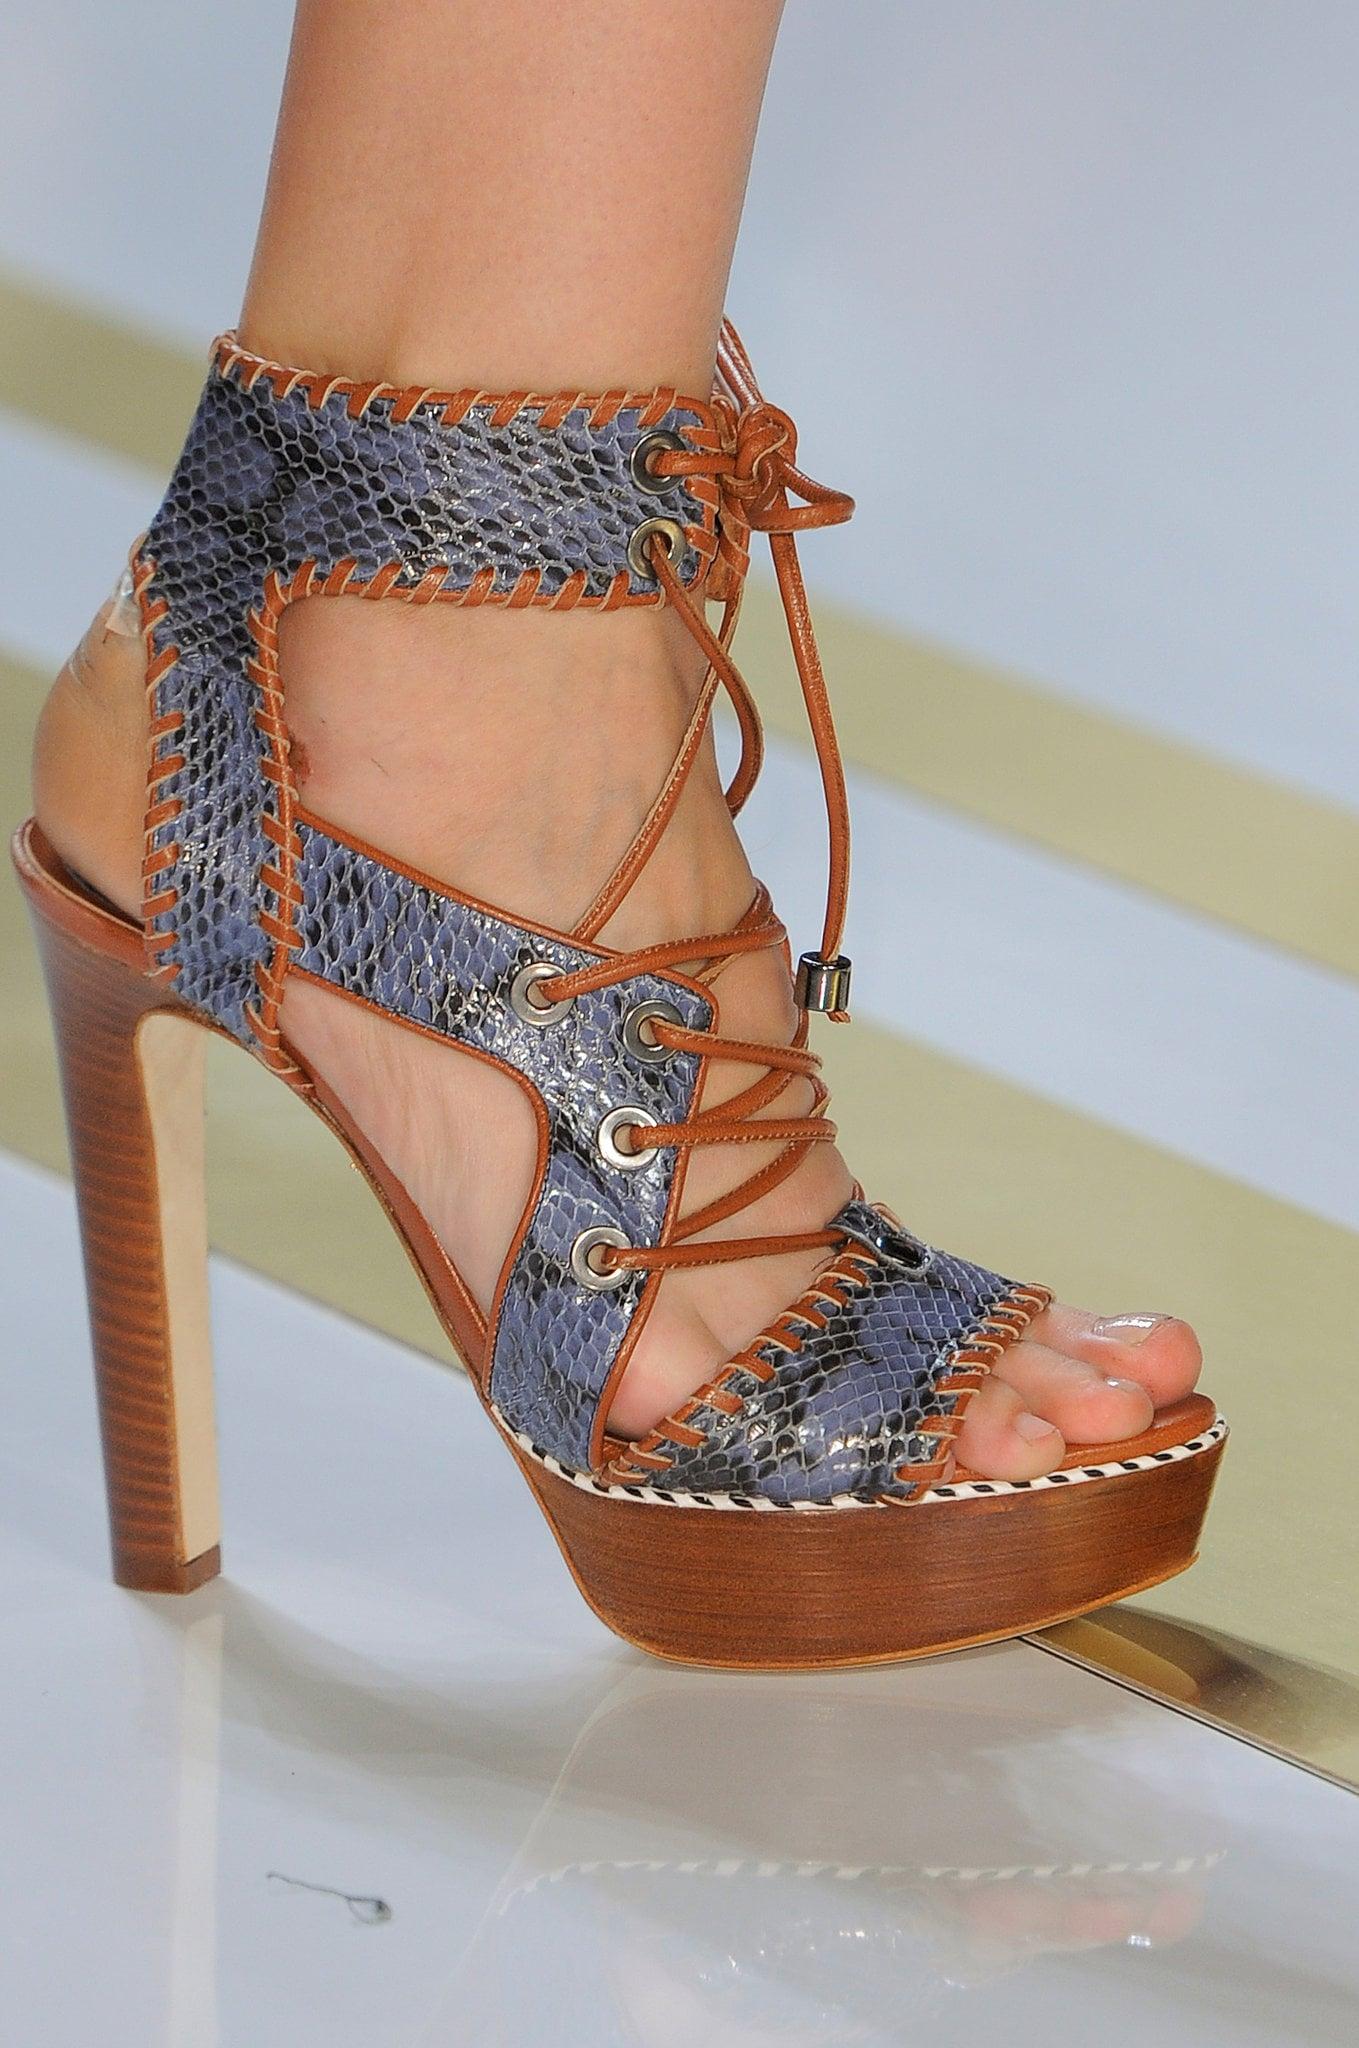 Summer Booties: Diane von Furstenberg Spring 2014